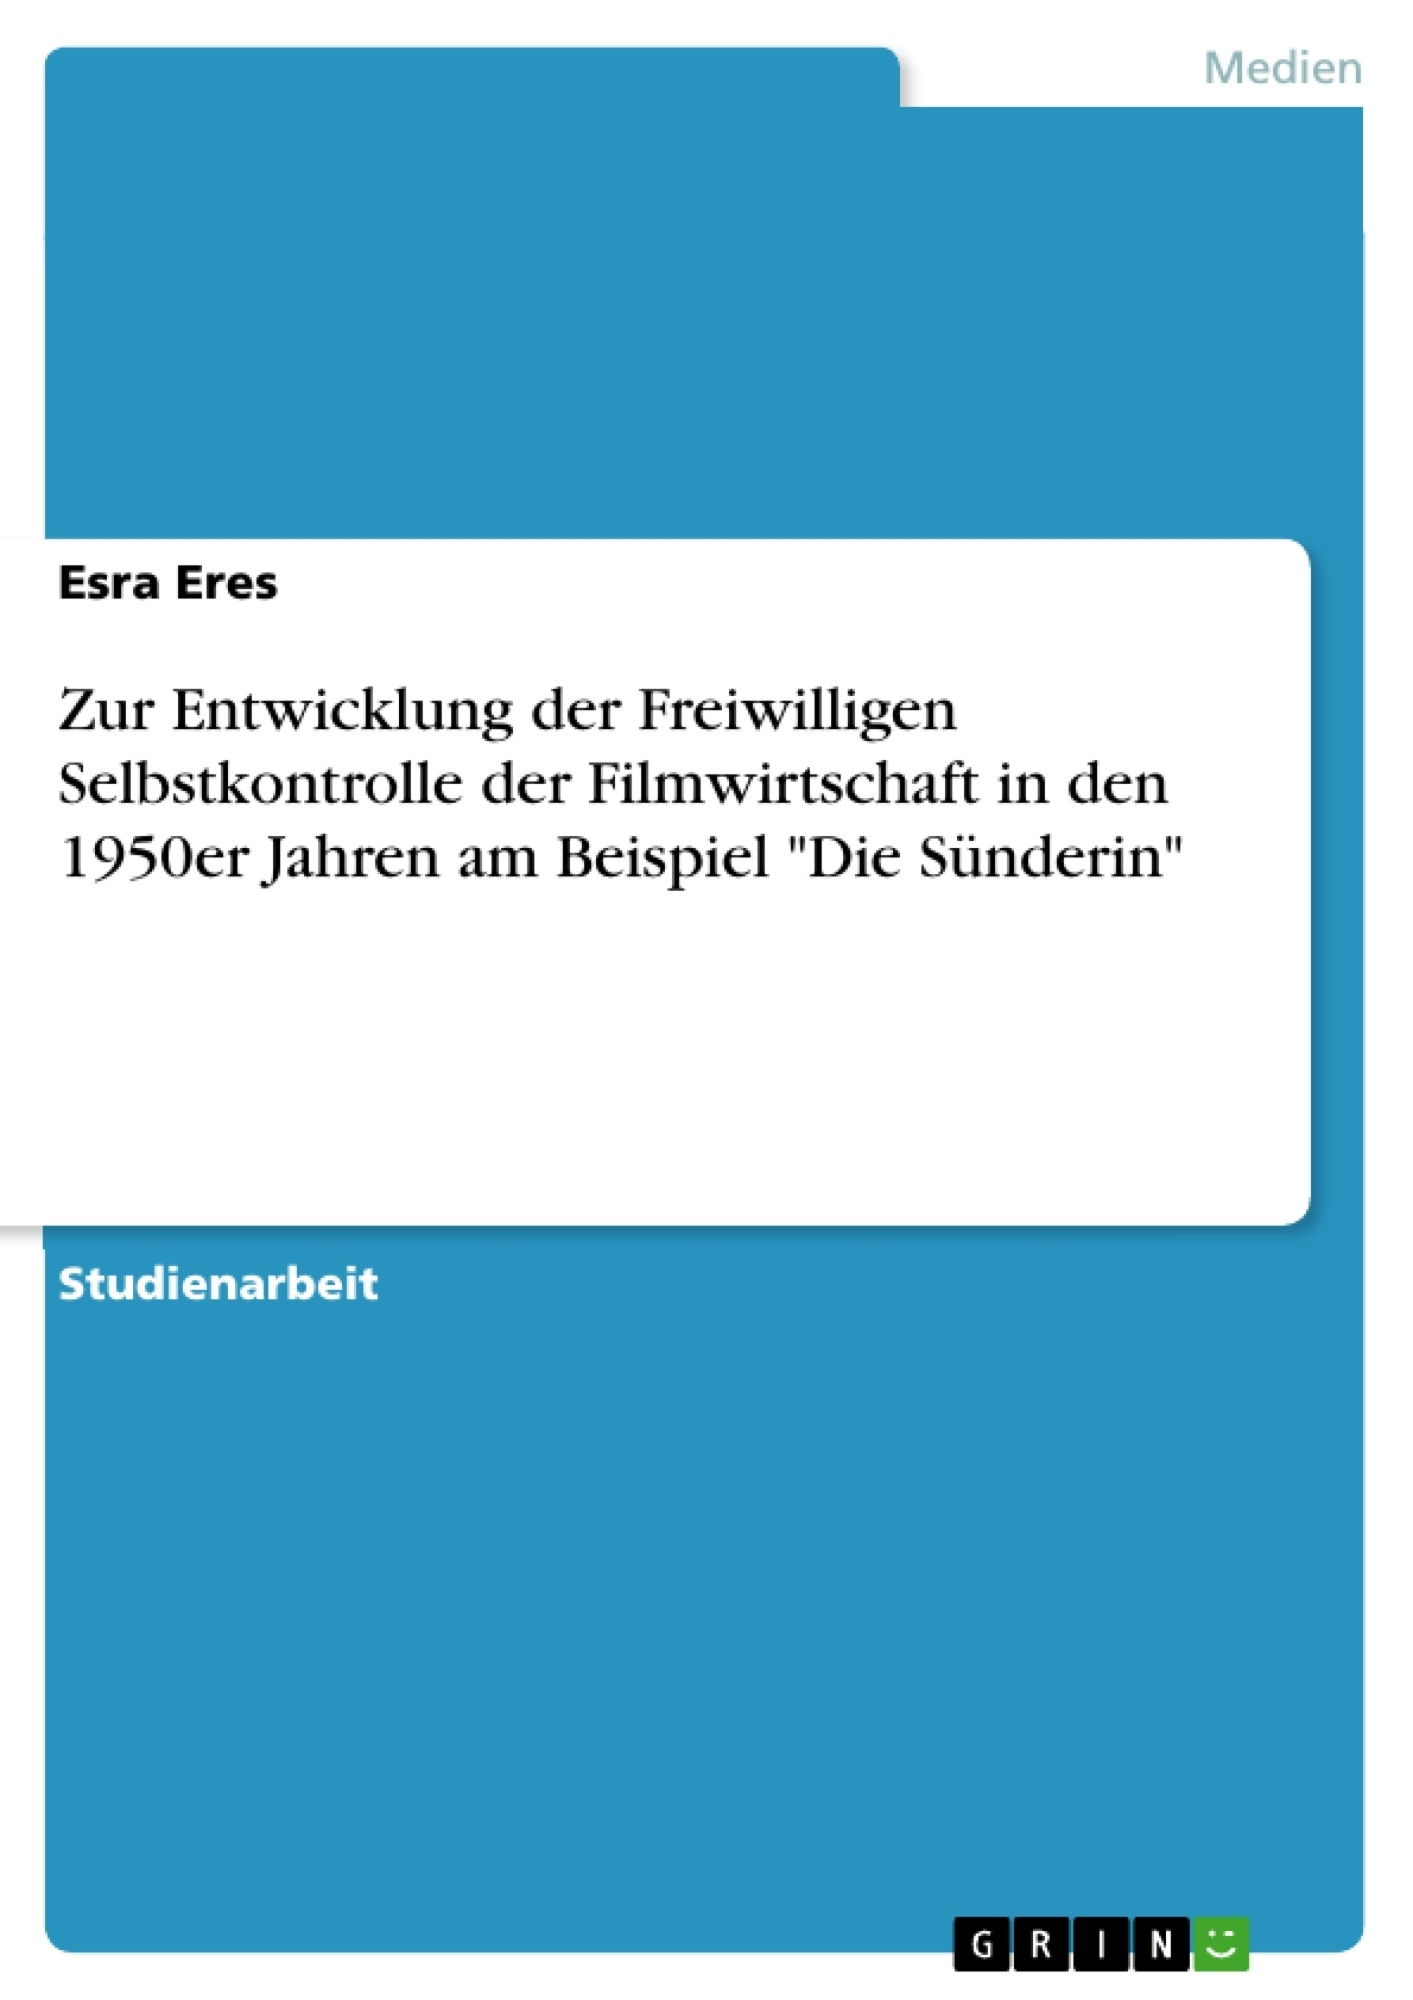 """Titel: Zur Entwicklung der Freiwilligen Selbstkontrolle der Filmwirtschaft in den 1950er Jahren am Beispiel """"Die Sünderin"""""""